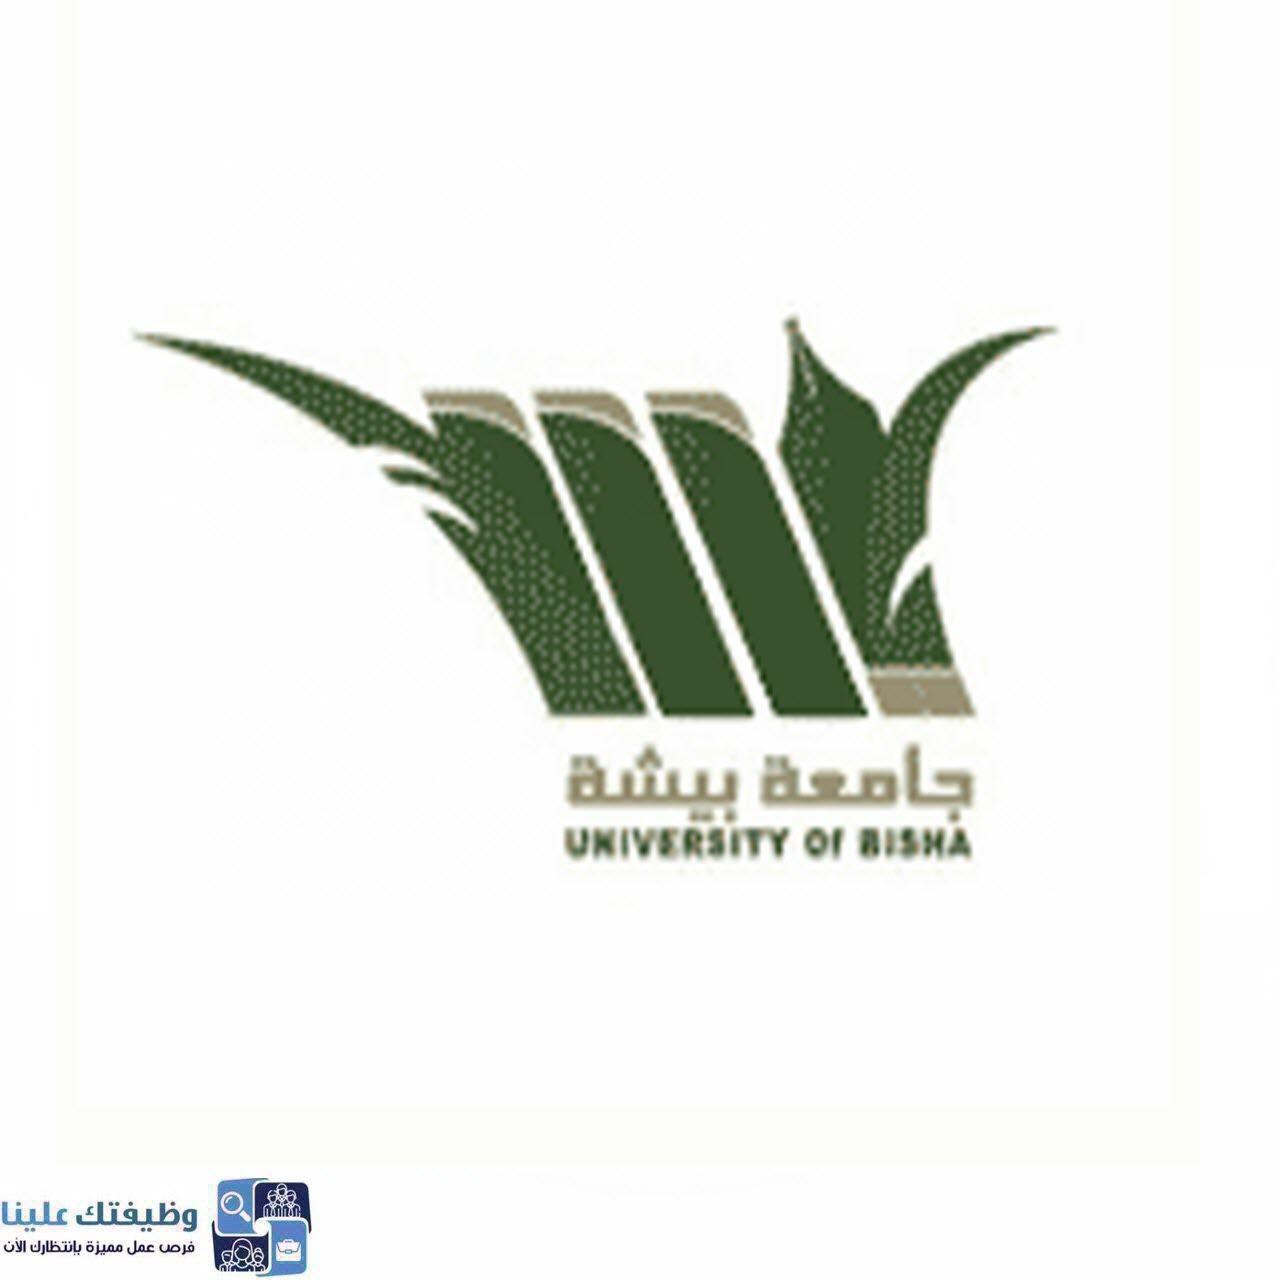 مواعيد الجامعة وظيفتك علينا University Nike Logo Logos